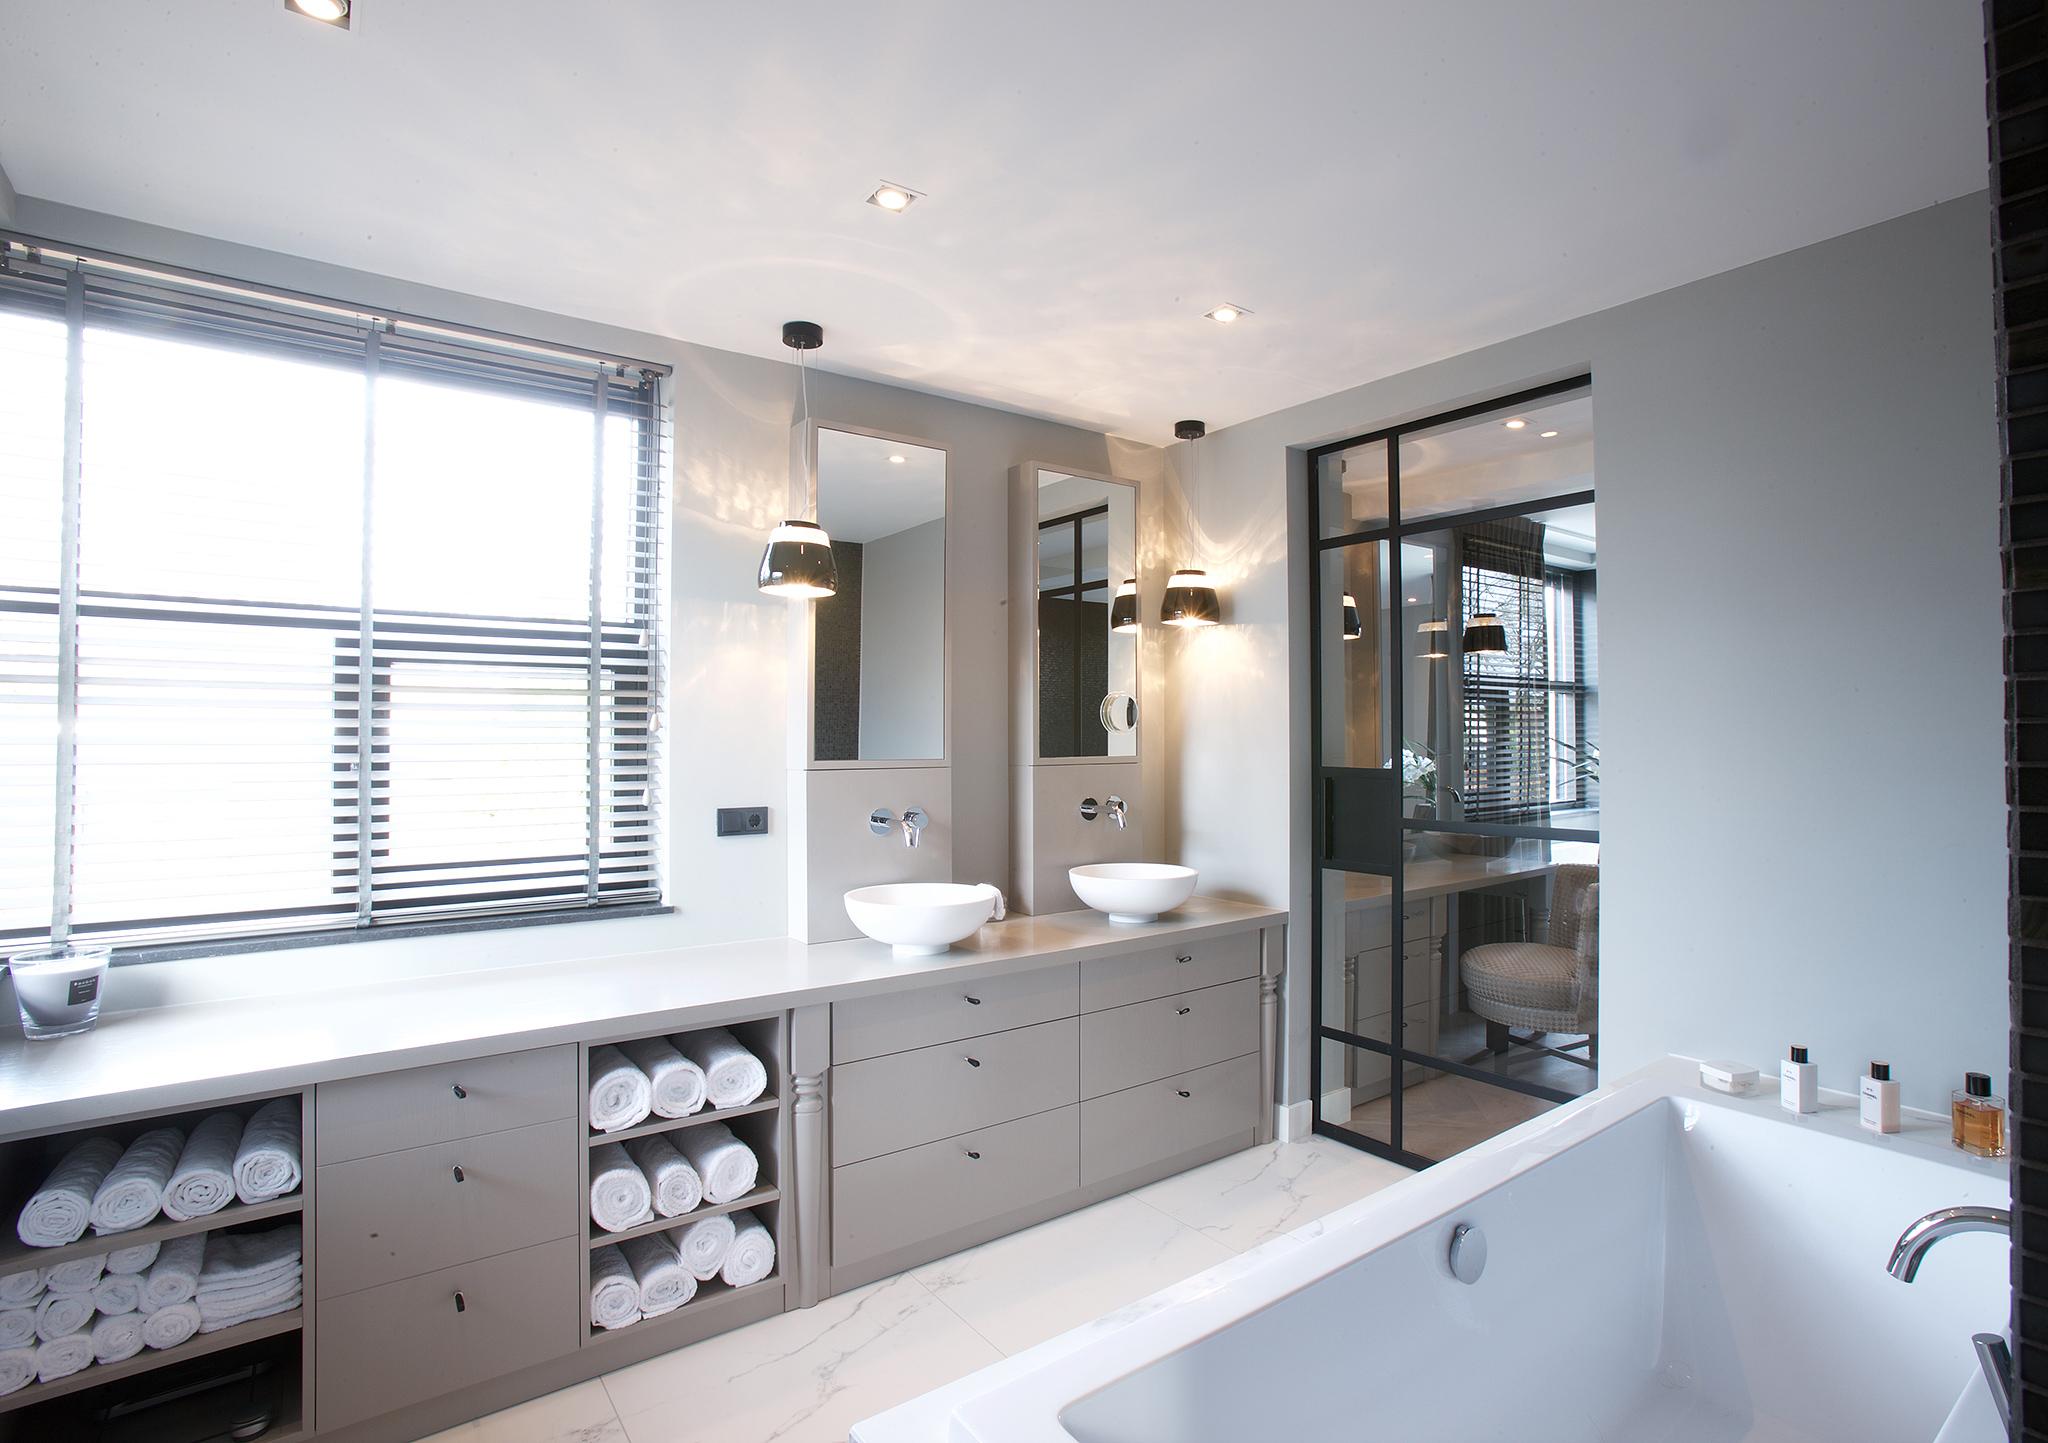 Badkamer En Suite : Mooie badkamer en suite met glazen deur en wanden badkamers